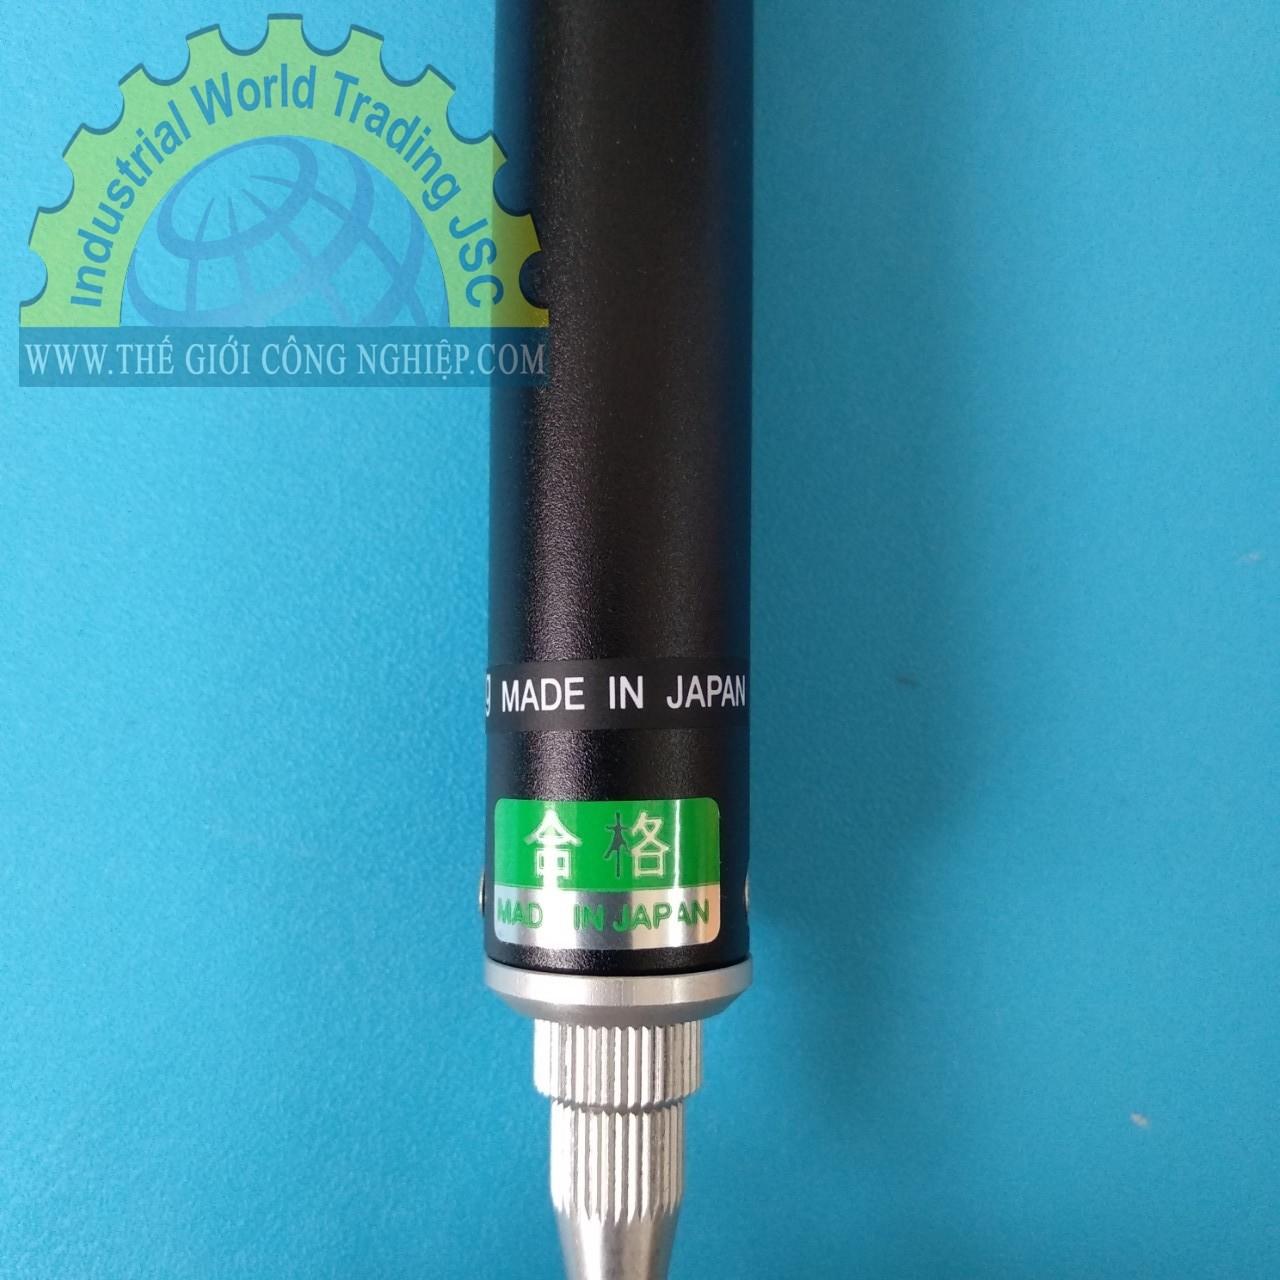 Cân lò xo, đồng hồ đo lực căng 0 - 110g  TK110 Kanon